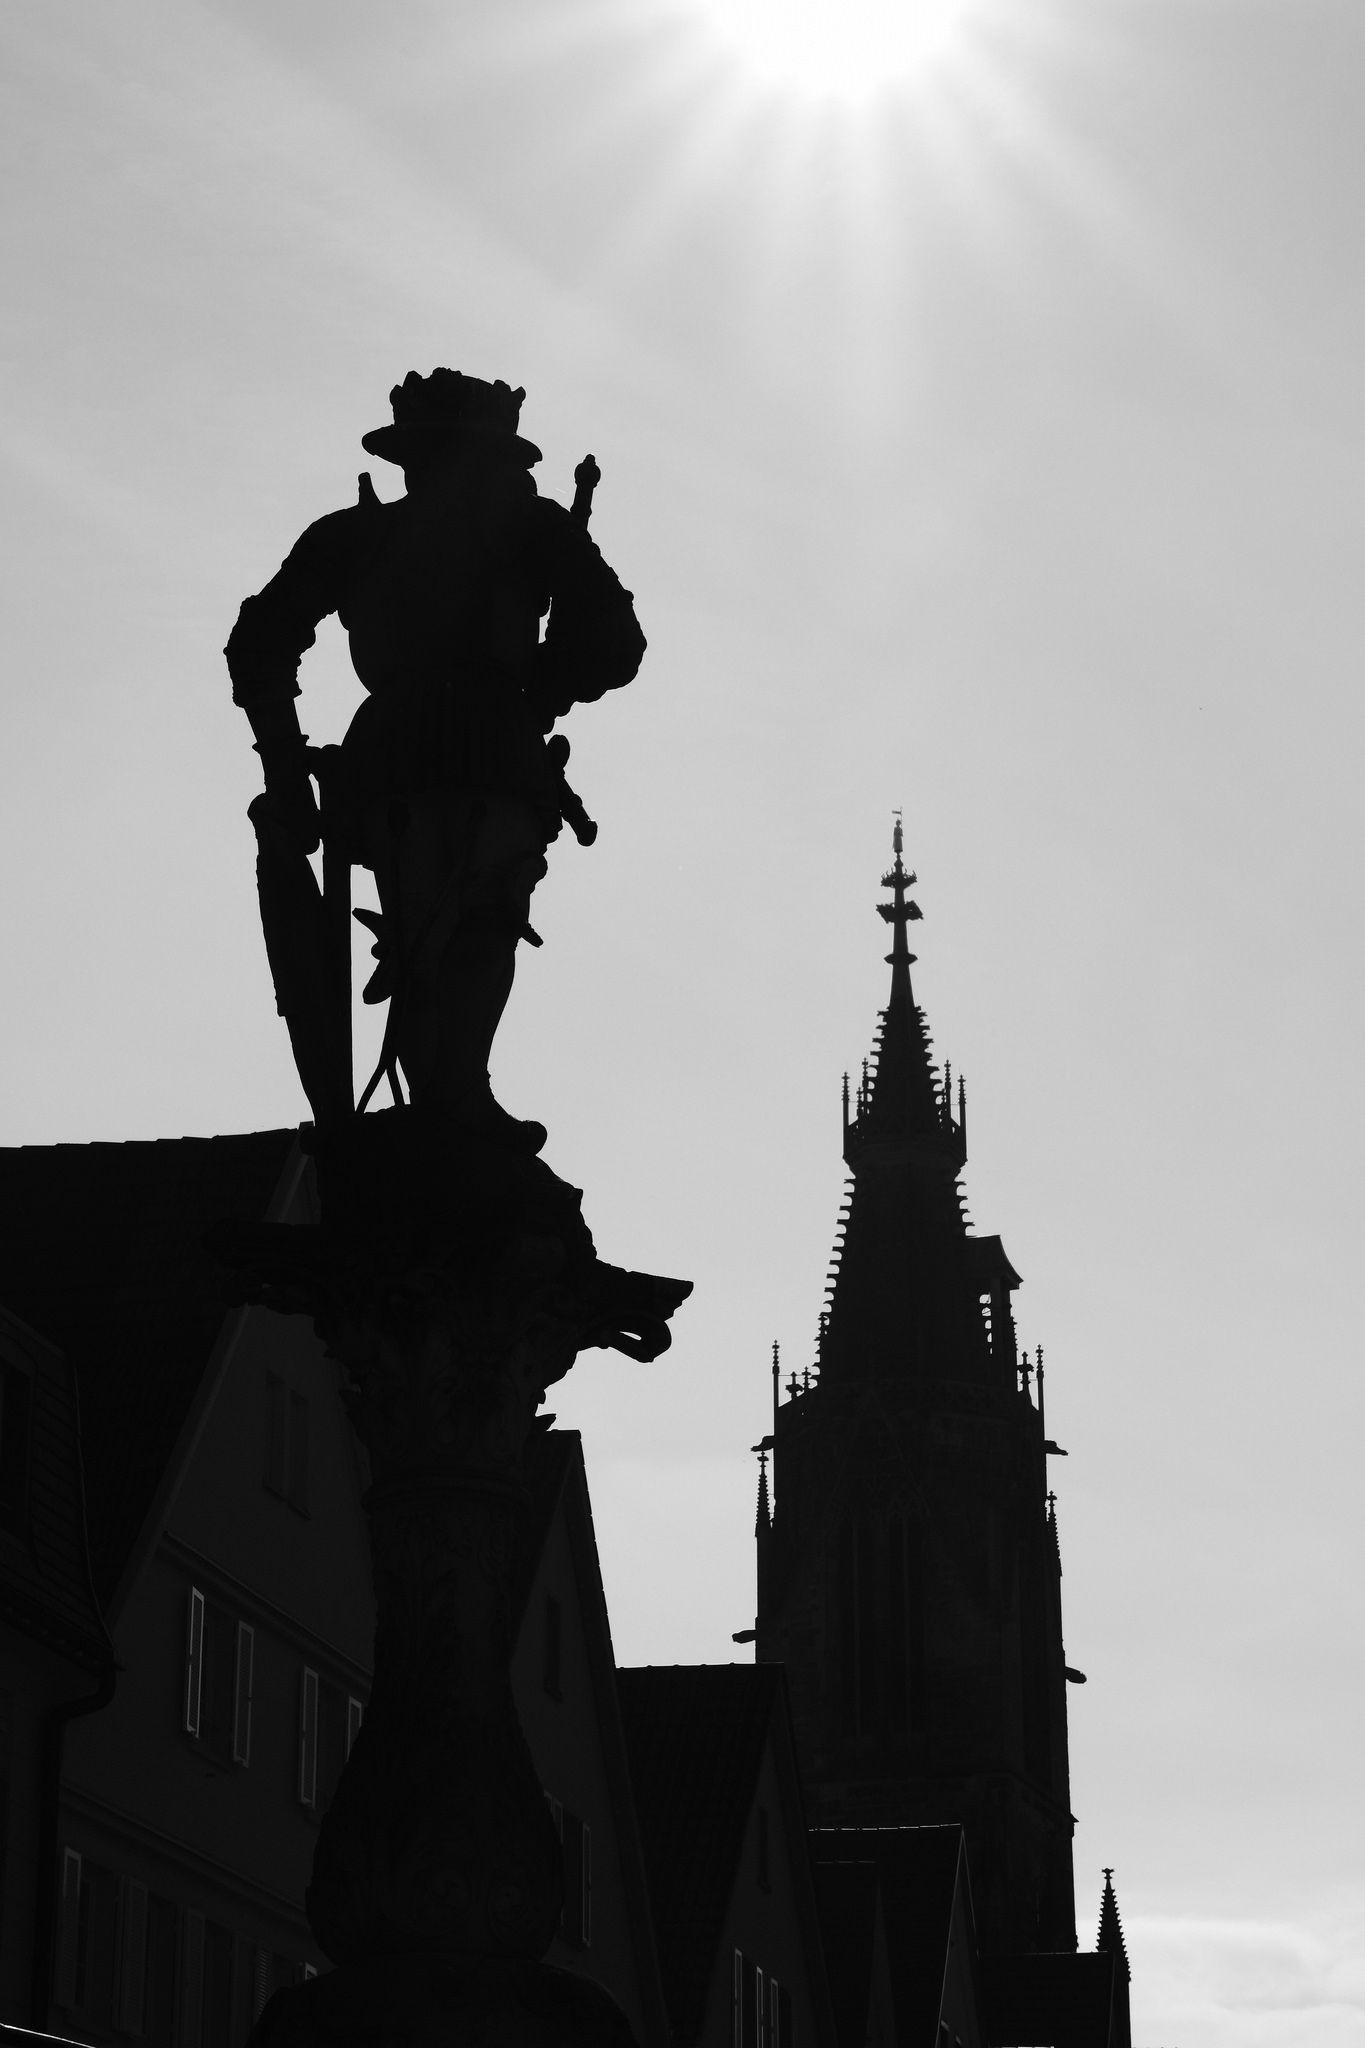 Reutlingens Altstadt Ist Ein Richtiger Hingucker Skulpturen Kirchen Wunderschone Fachwerkhauser Und Su Urlaub In Deutschland Reisen In Europa Wochenendtrip